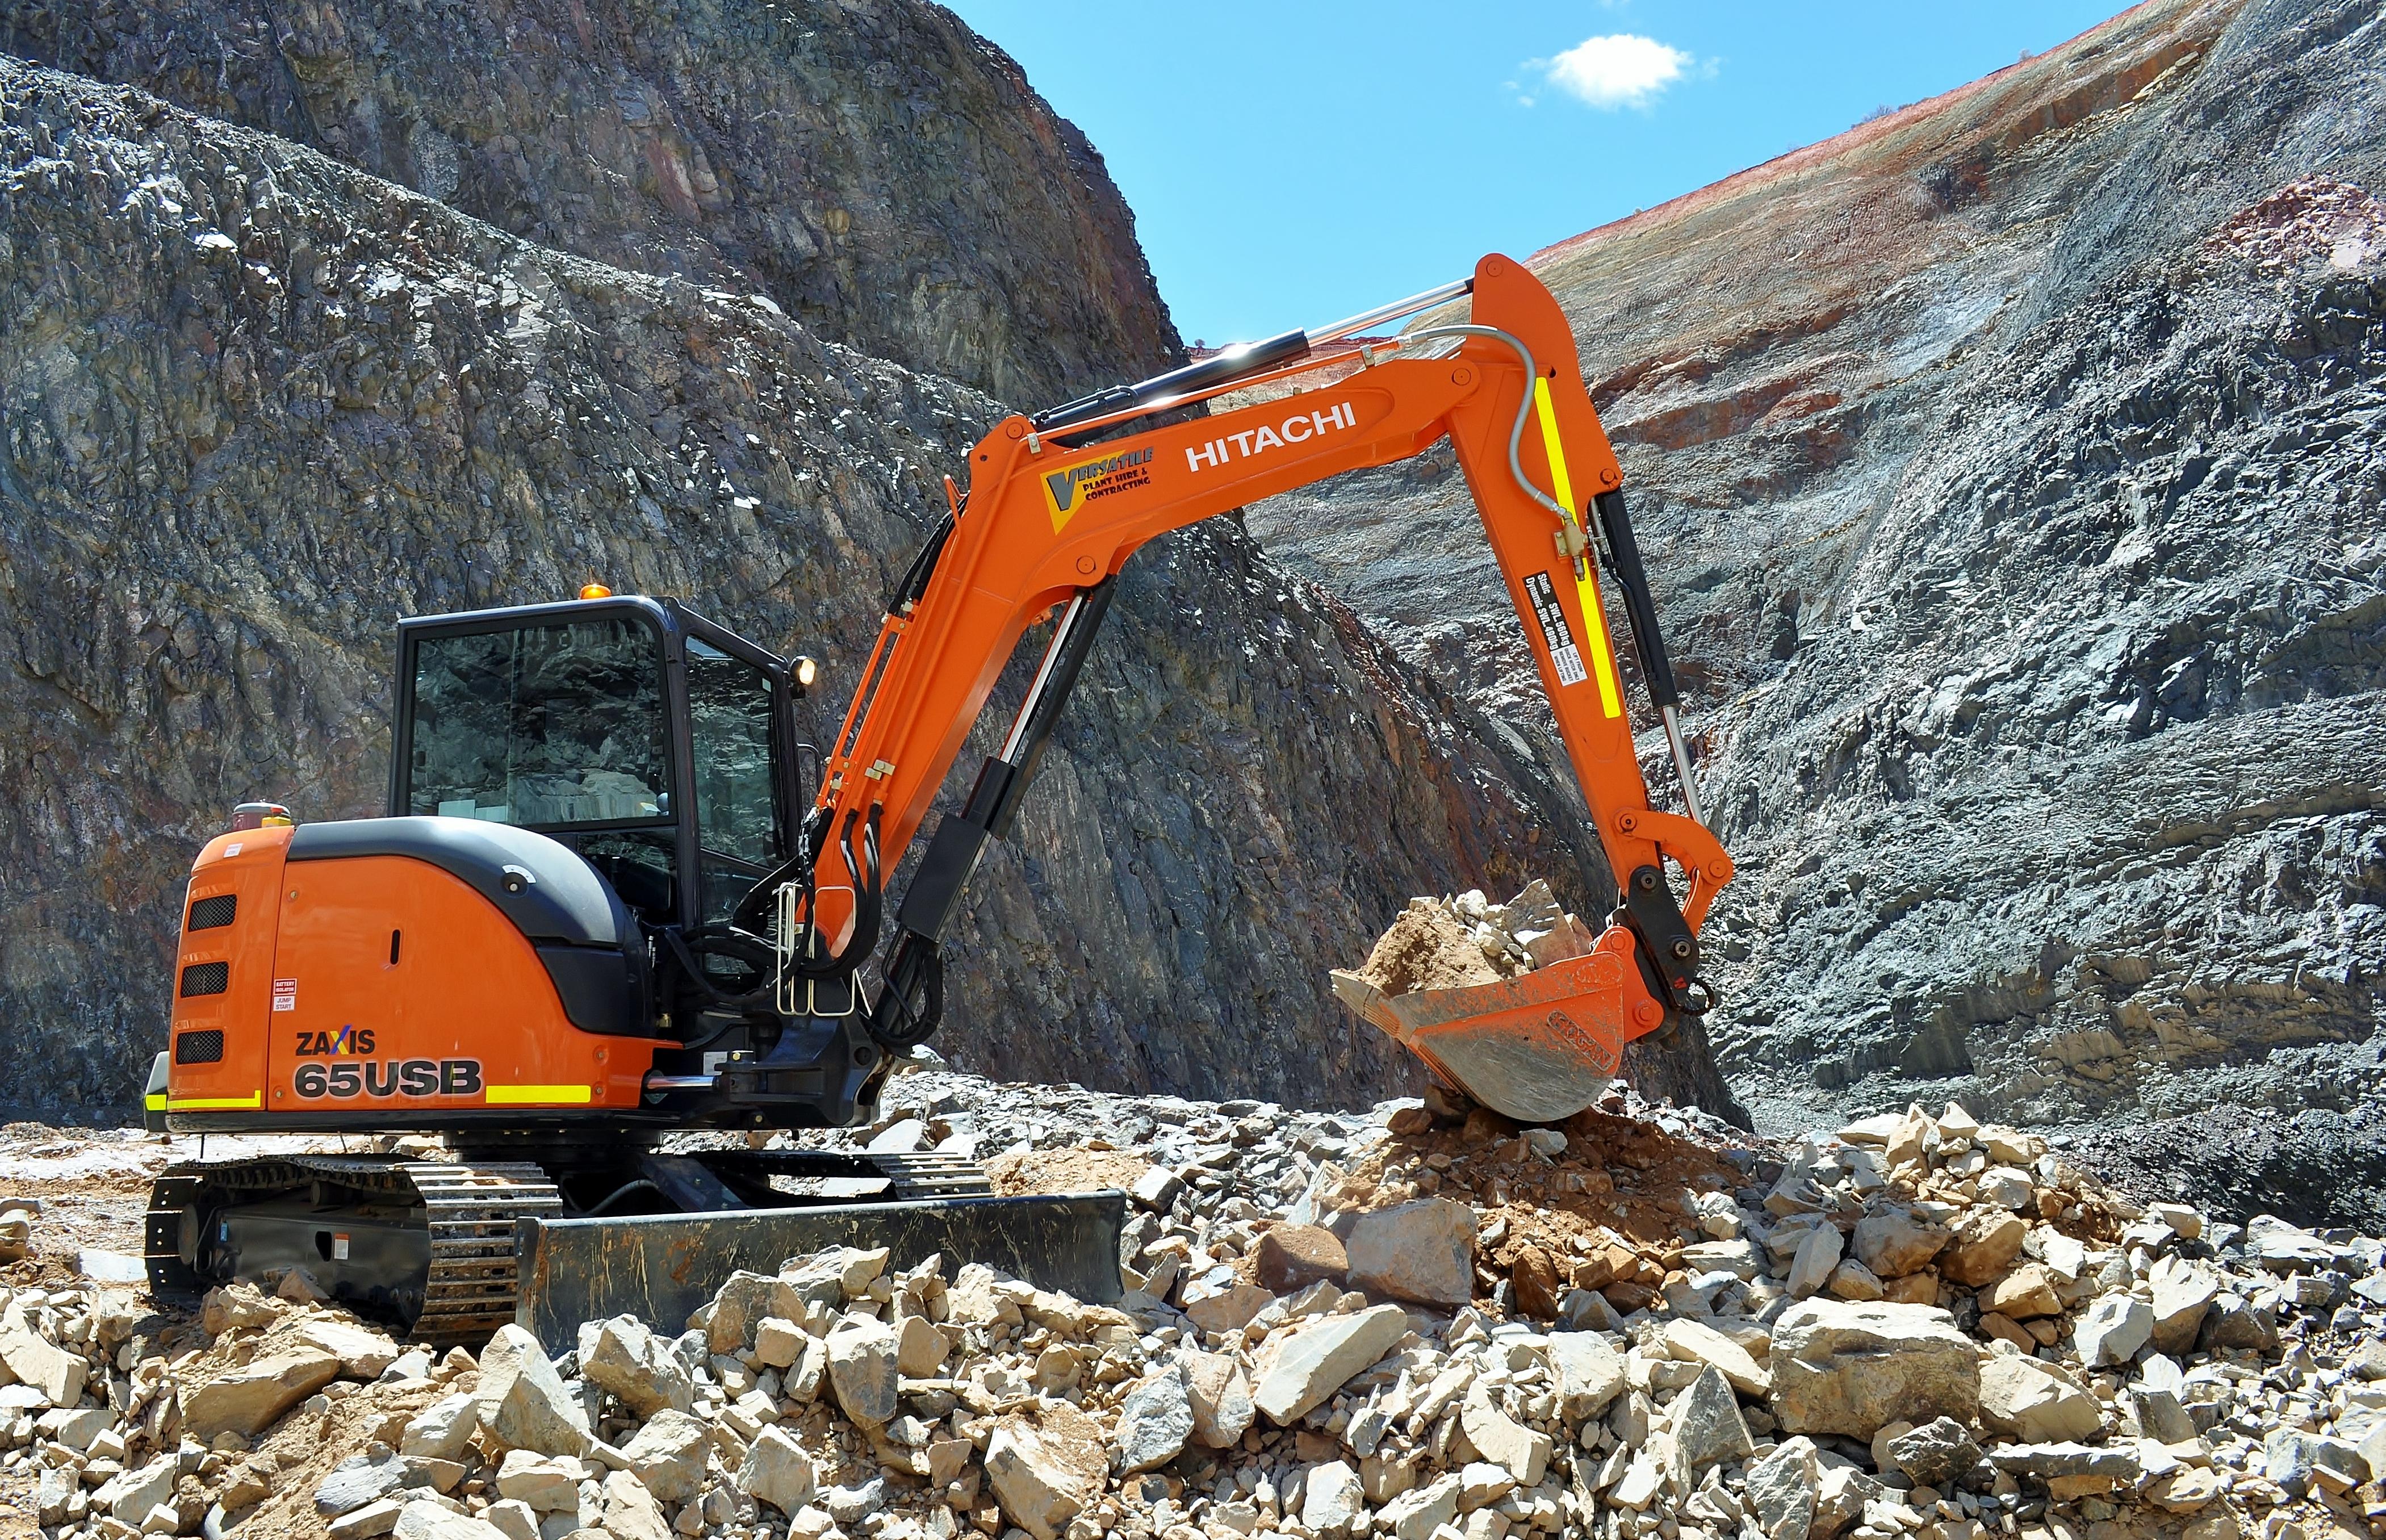 Hitachi 65USB excavator